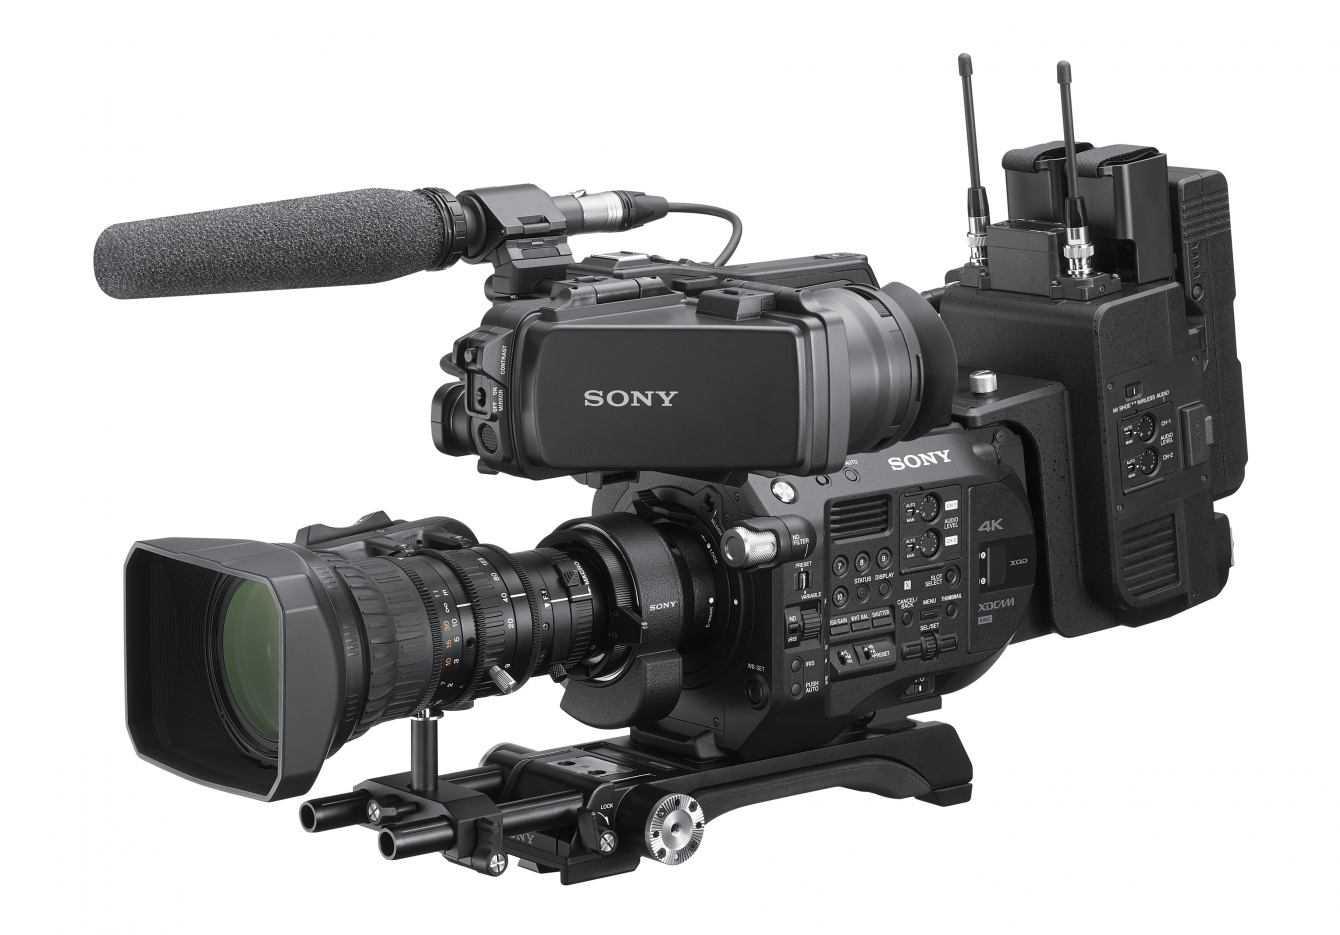 Sony potenzia i camcorder FS7 e FS7 II con il nuovo kit integrato